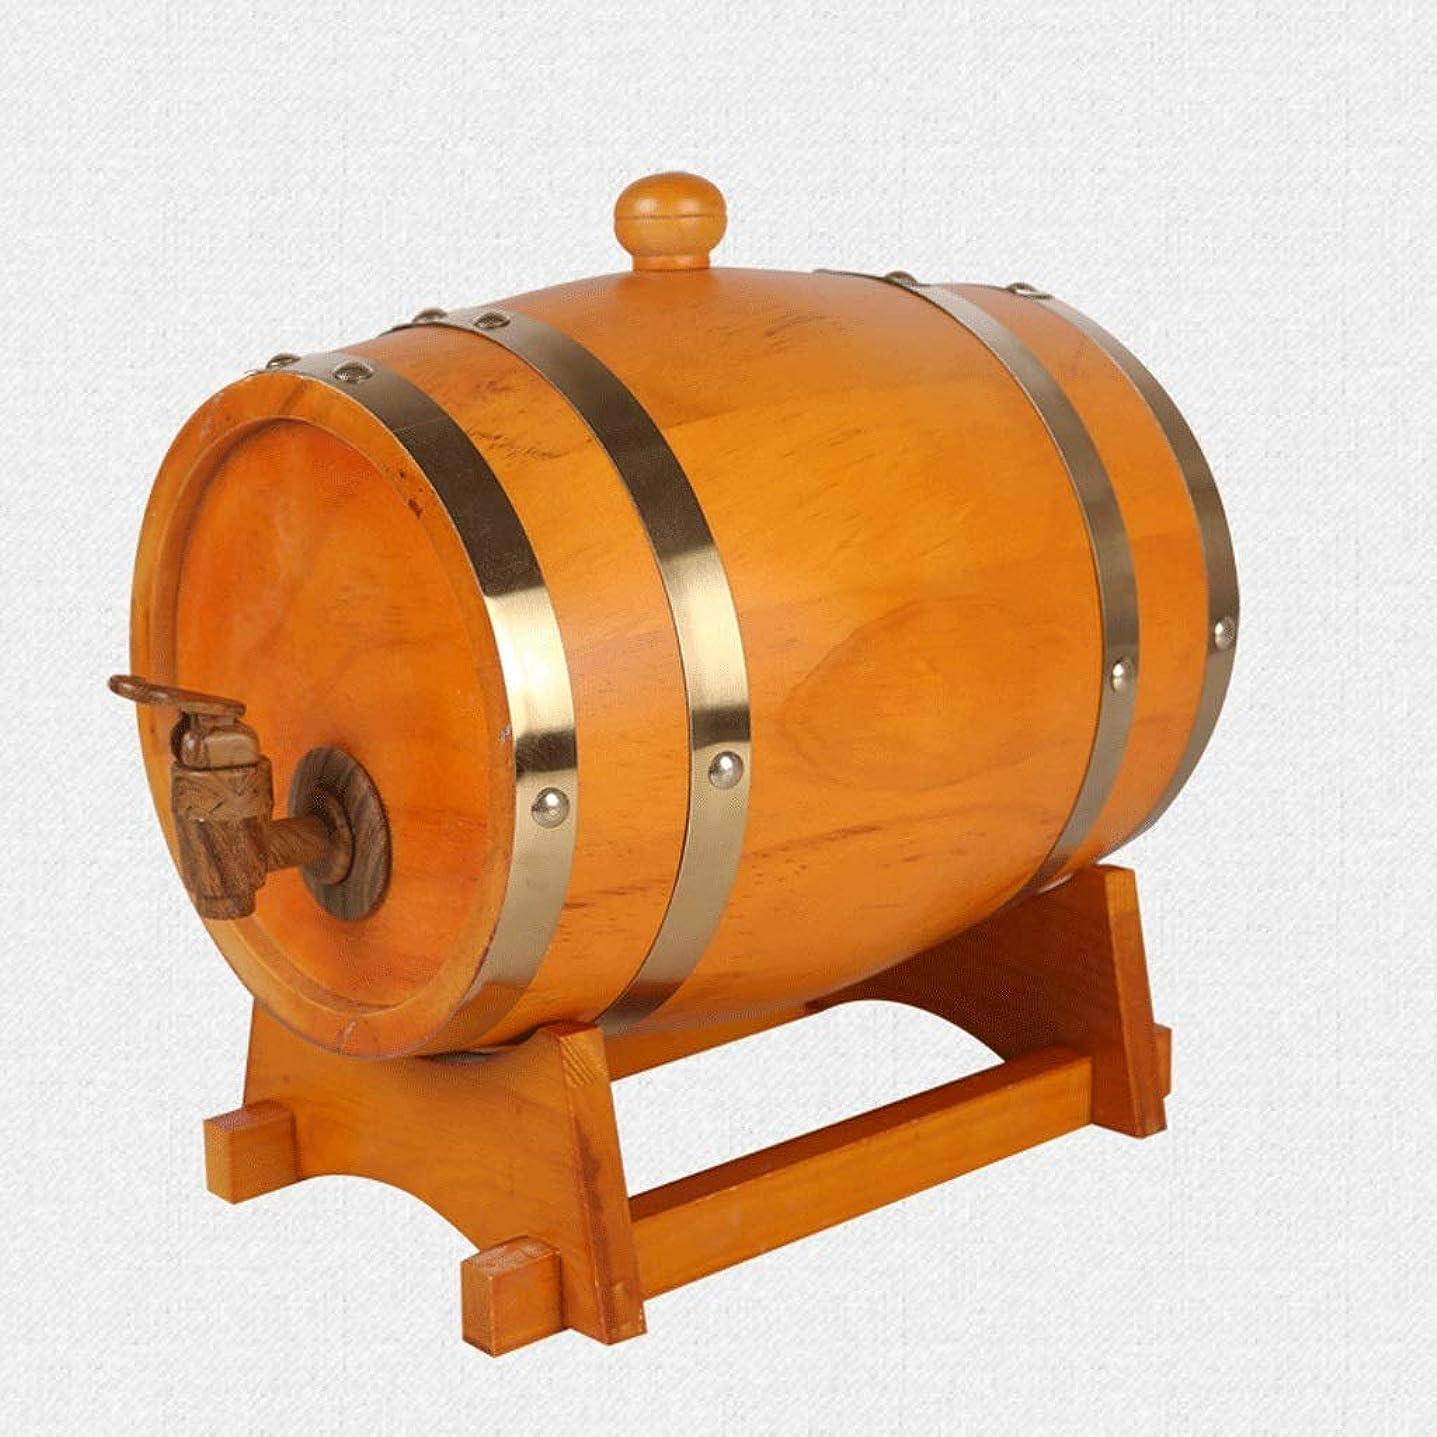 コミットメント脱走仕方GWM あなた自身のウイスキー、ビール、ワイン、バーボン、ブランデー、2色を貯えるための作り付けのホイルのパッドが付いているカシのバケツバレルの飲料機械 (Color : A, Size : 225L)